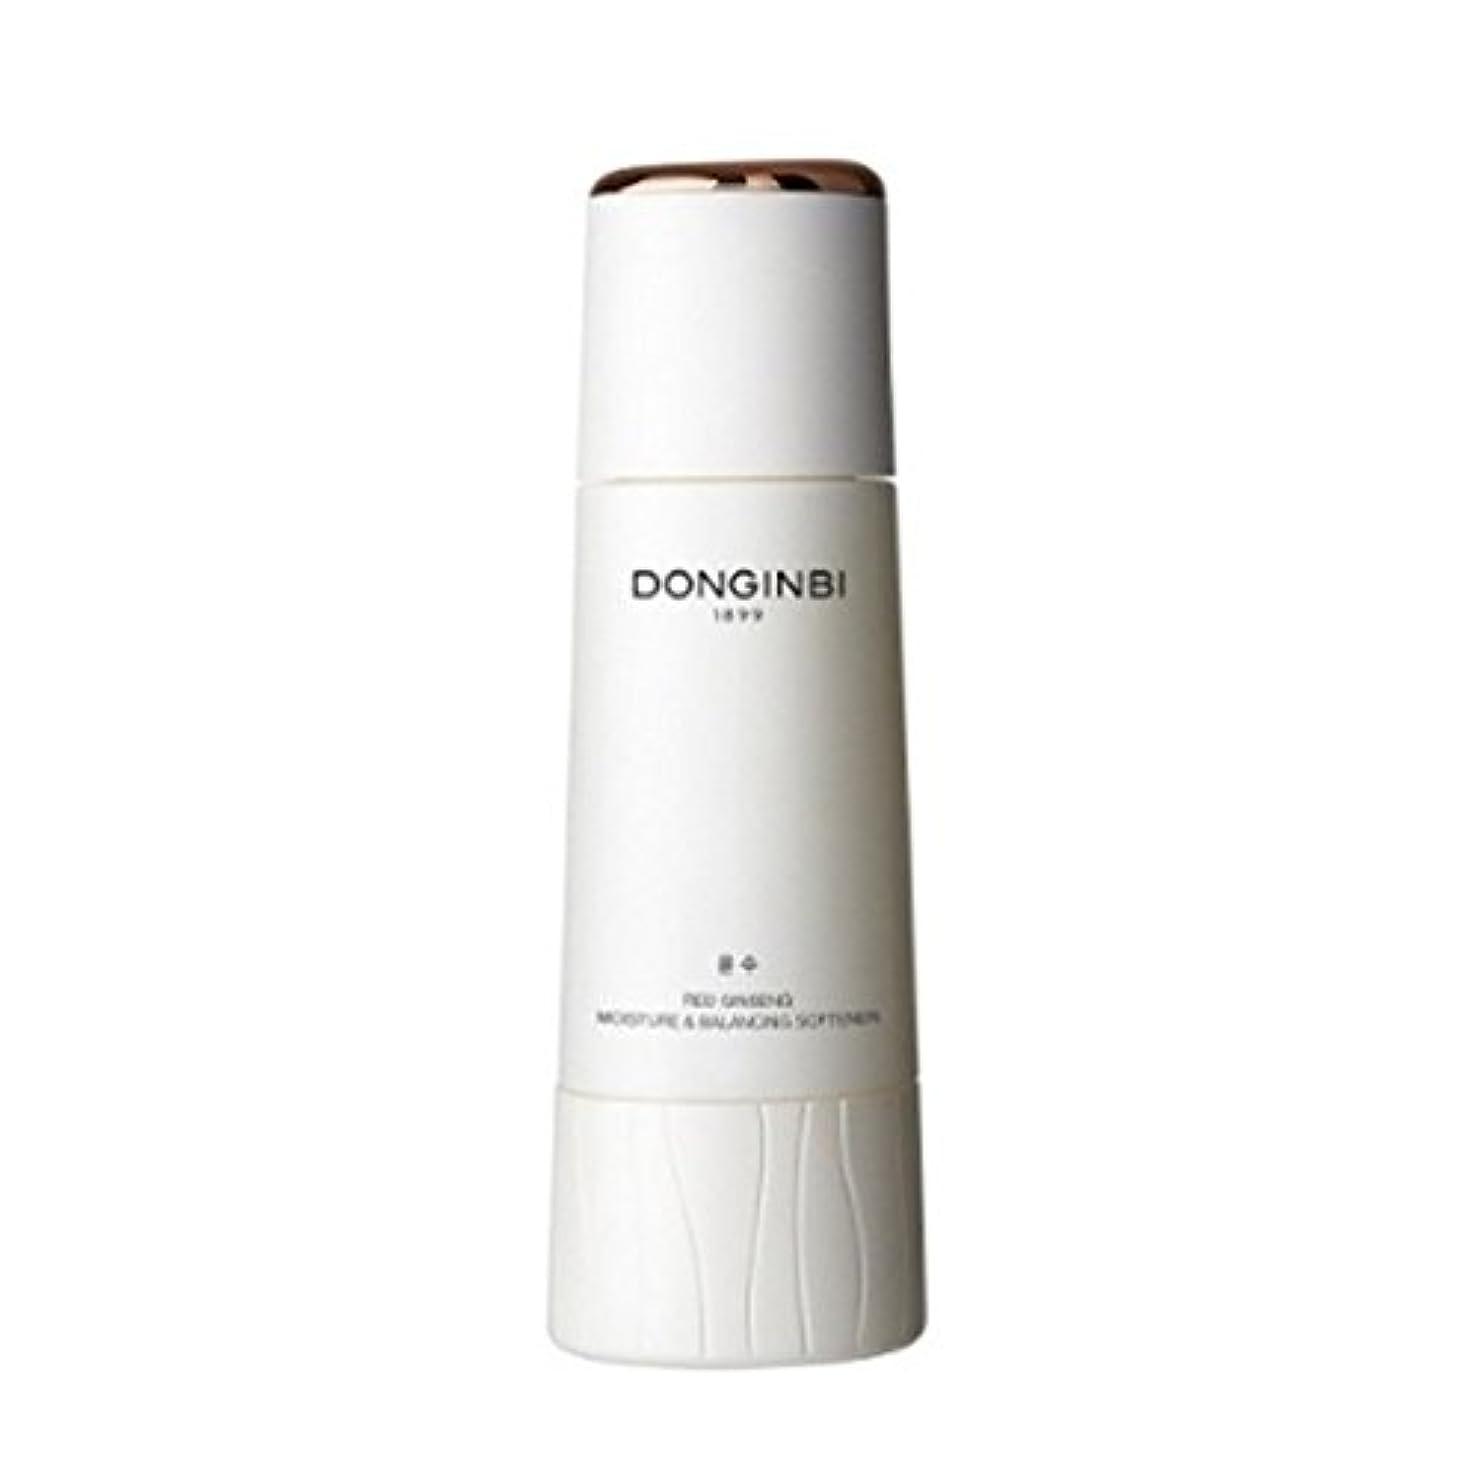 太陽関係ない落ちた[ドンインビ]DONGINBI ドンインビユン 化粧数130ml 海外直送品 toner130ml [並行輸入品]